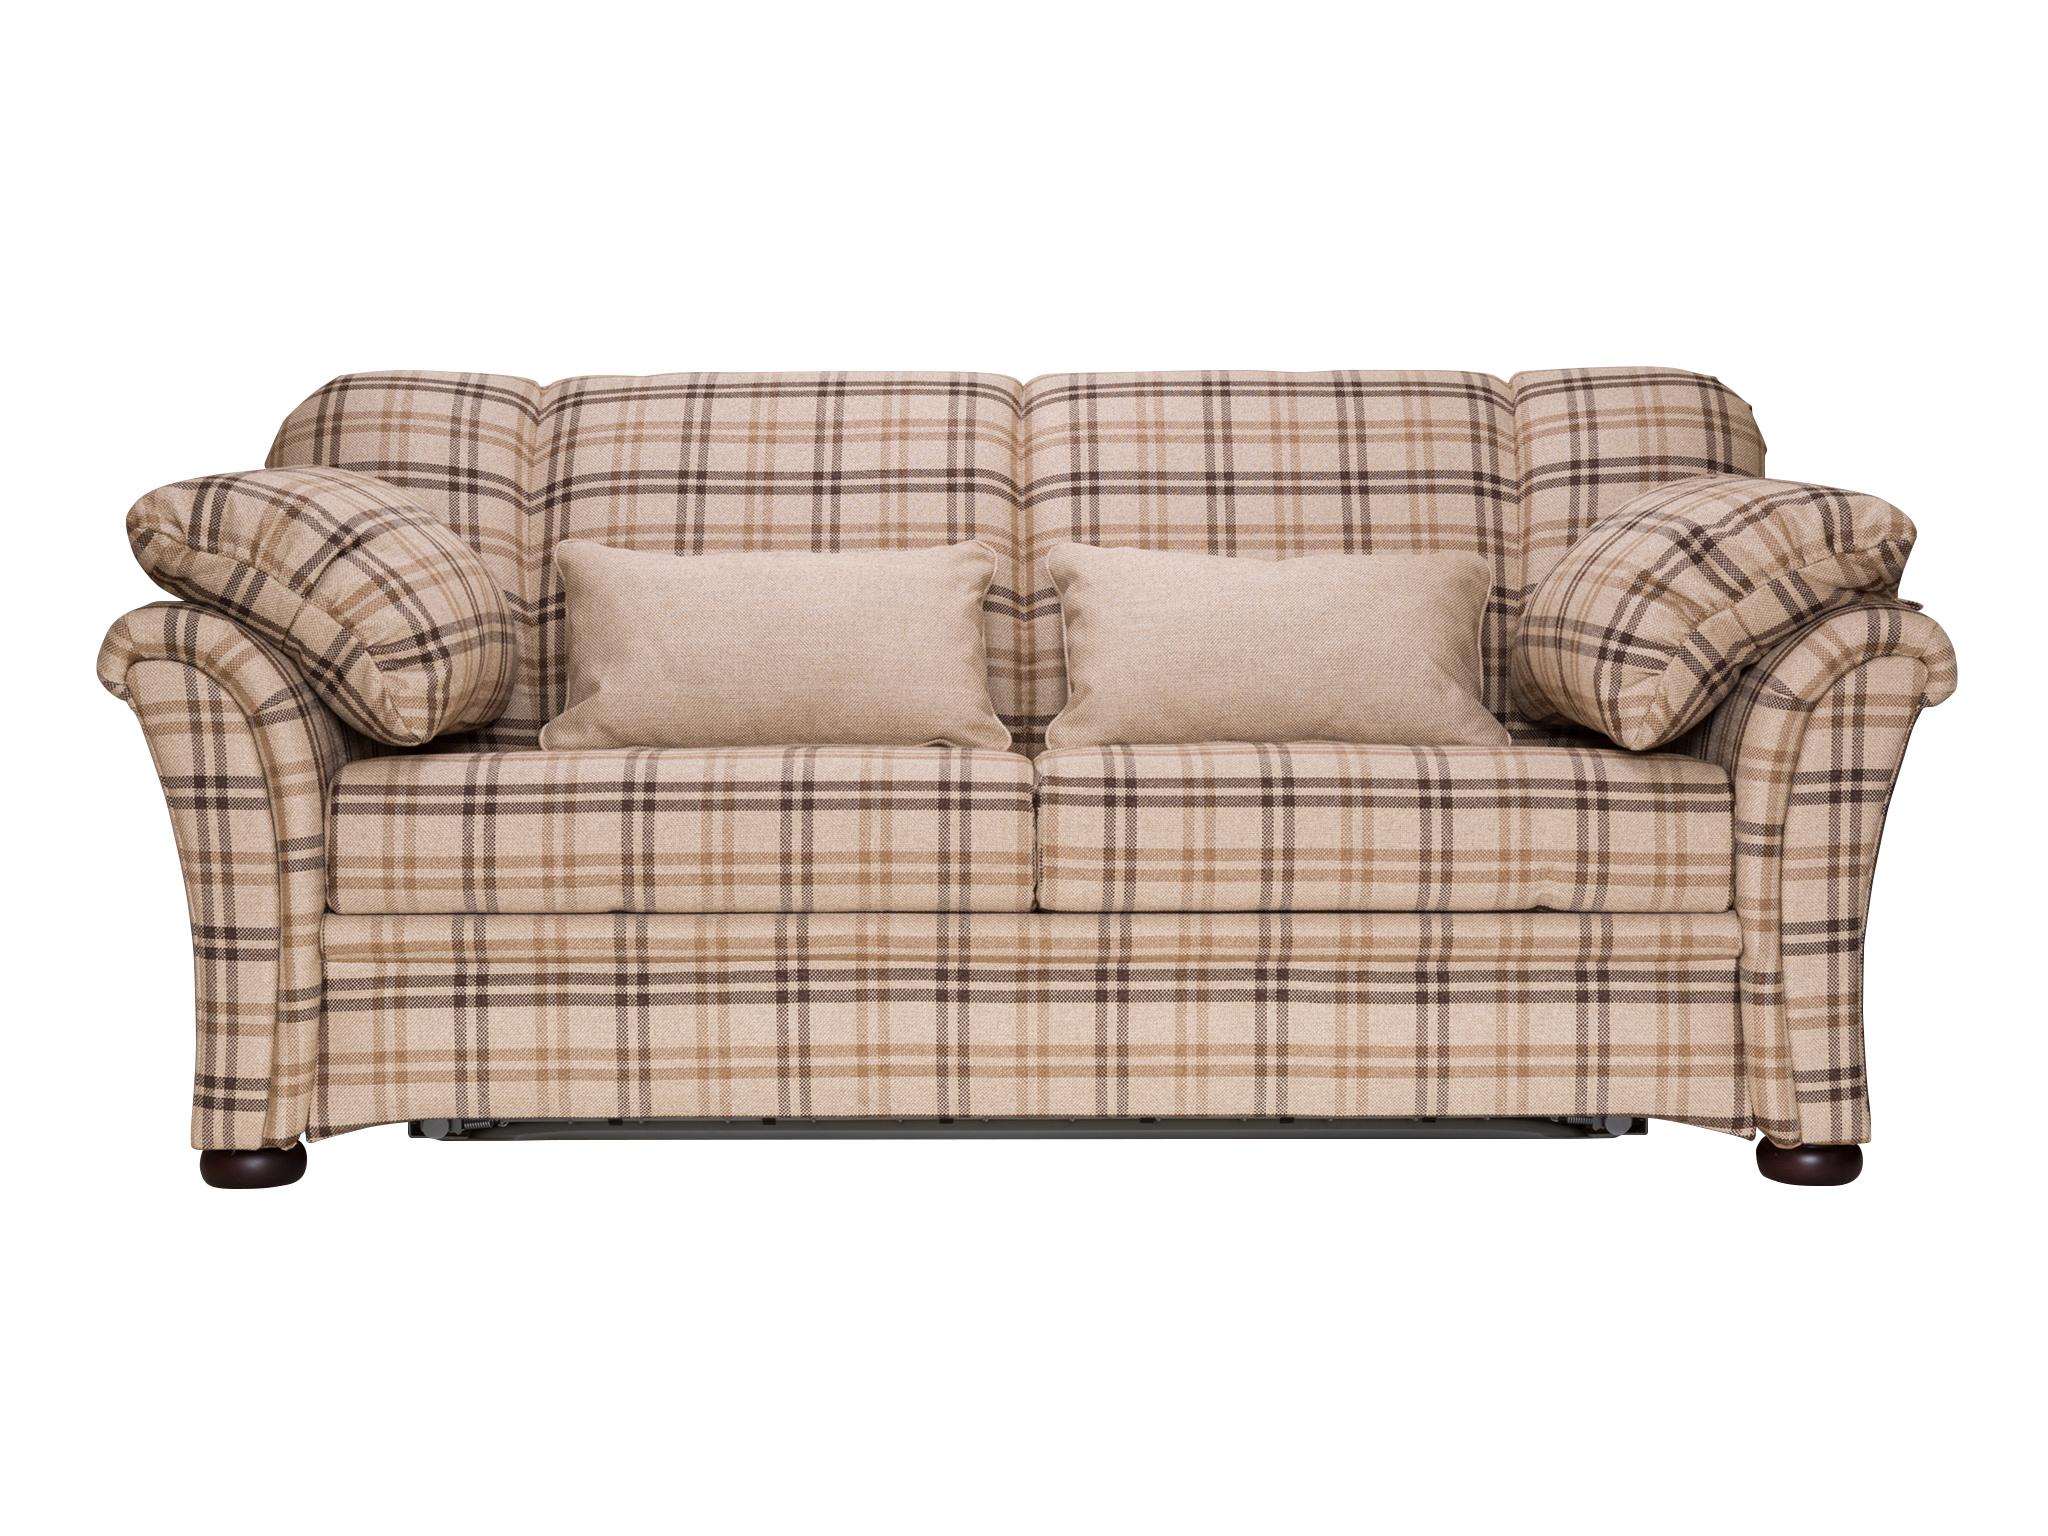 Диван ScotlandПрямые раскладные диваны<br>Строгий классический английский диван Scotland будет прекрасно смотреться как в интерьере гостиной, так и в вашем кабинете. Мягкие подушки на подлокотниках позволяют отдыхать на нем с комфортом даже не раскладывая. Однако разложив механизм трансформации Sedaflex, вы можете насладиться полноценным спальным местом с 12-сантиметровым матрасом из сертифицированной пены Sertipur. Благодаря эксклюзивным коллекциям тканей диван Scotland станет достойным приобретением, которое сможет удовлетворить самые изысканные предпочтения в дизайне.&amp;amp;nbsp;&amp;lt;div&amp;gt;&amp;lt;br&amp;gt;&amp;lt;/div&amp;gt;&amp;lt;div&amp;gt;Основание входит в стоимость&amp;lt;/div&amp;gt;&amp;lt;div&amp;gt;Матрас входит в стоимость&amp;amp;nbsp;&amp;lt;/div&amp;gt;&amp;lt;div&amp;gt;Подушки входят в стоимость&amp;lt;/div&amp;gt;&amp;lt;div&amp;gt;Размер спального места: 200х140&amp;lt;/div&amp;gt;<br><br>Material: Текстиль<br>Width см: 240<br>Depth см: 217<br>Height см: 87